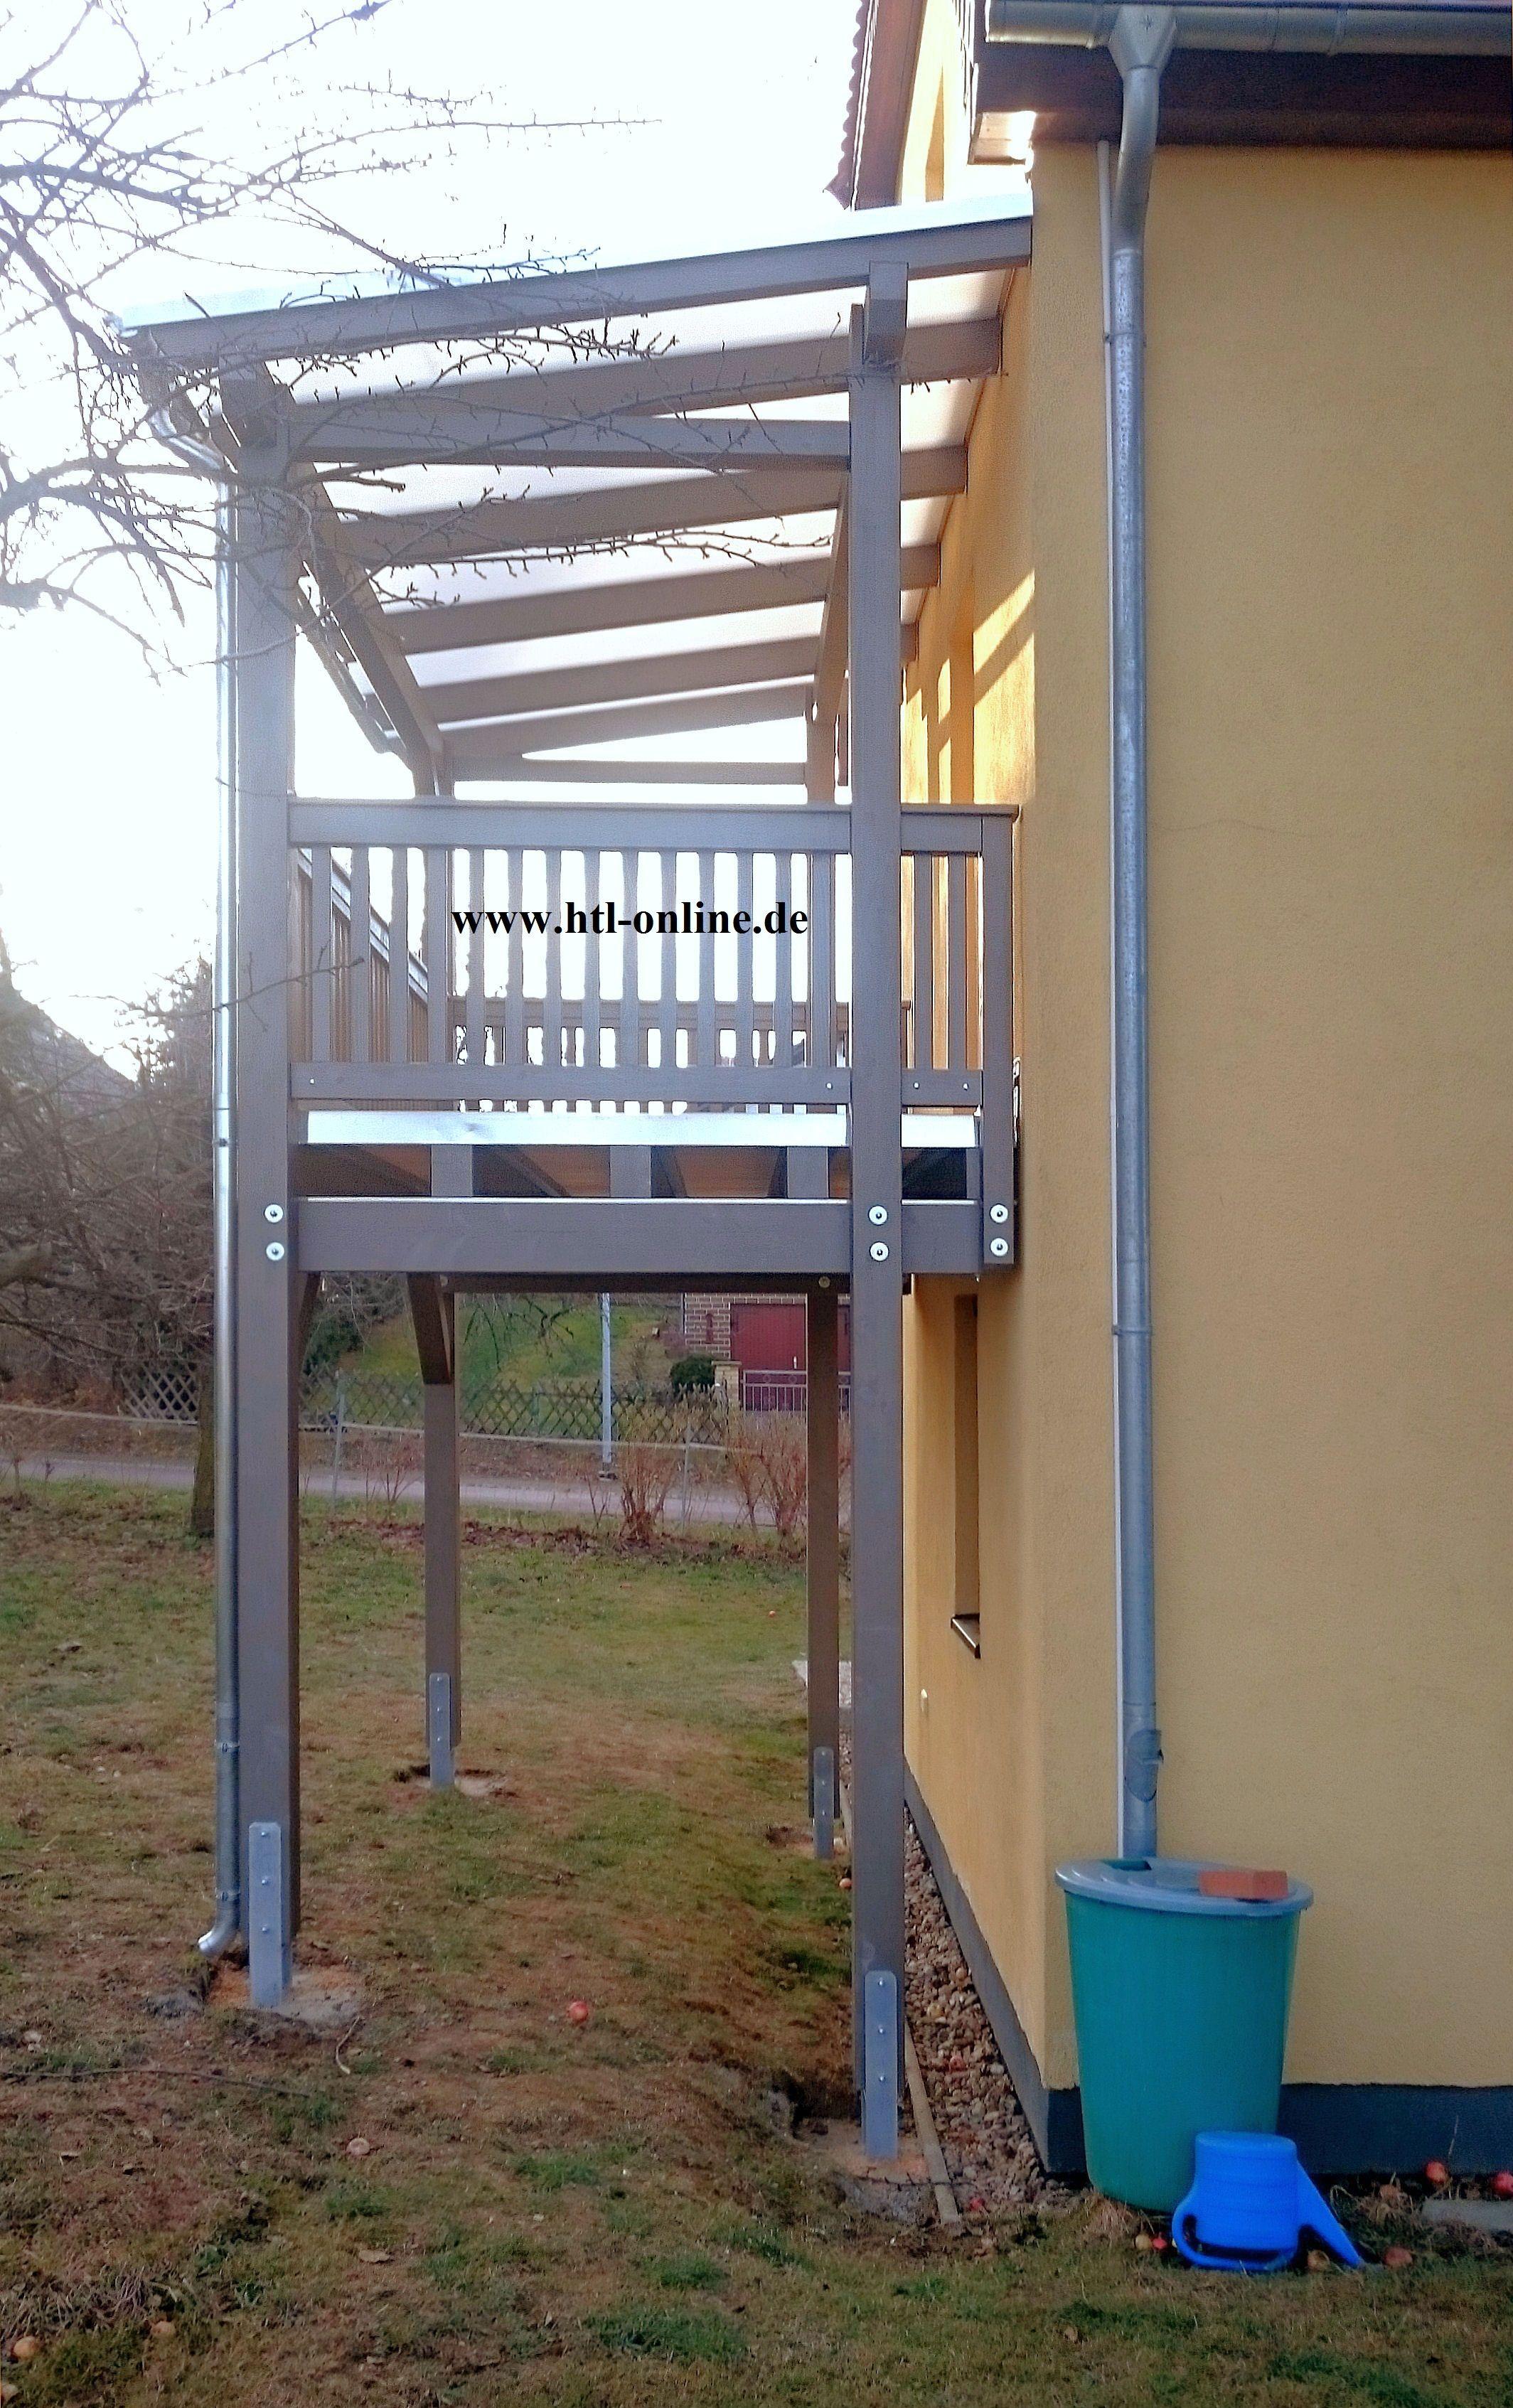 Balkon Aus Holz Htl Holztechnik Holz Arbeit Mit Holz Balkon